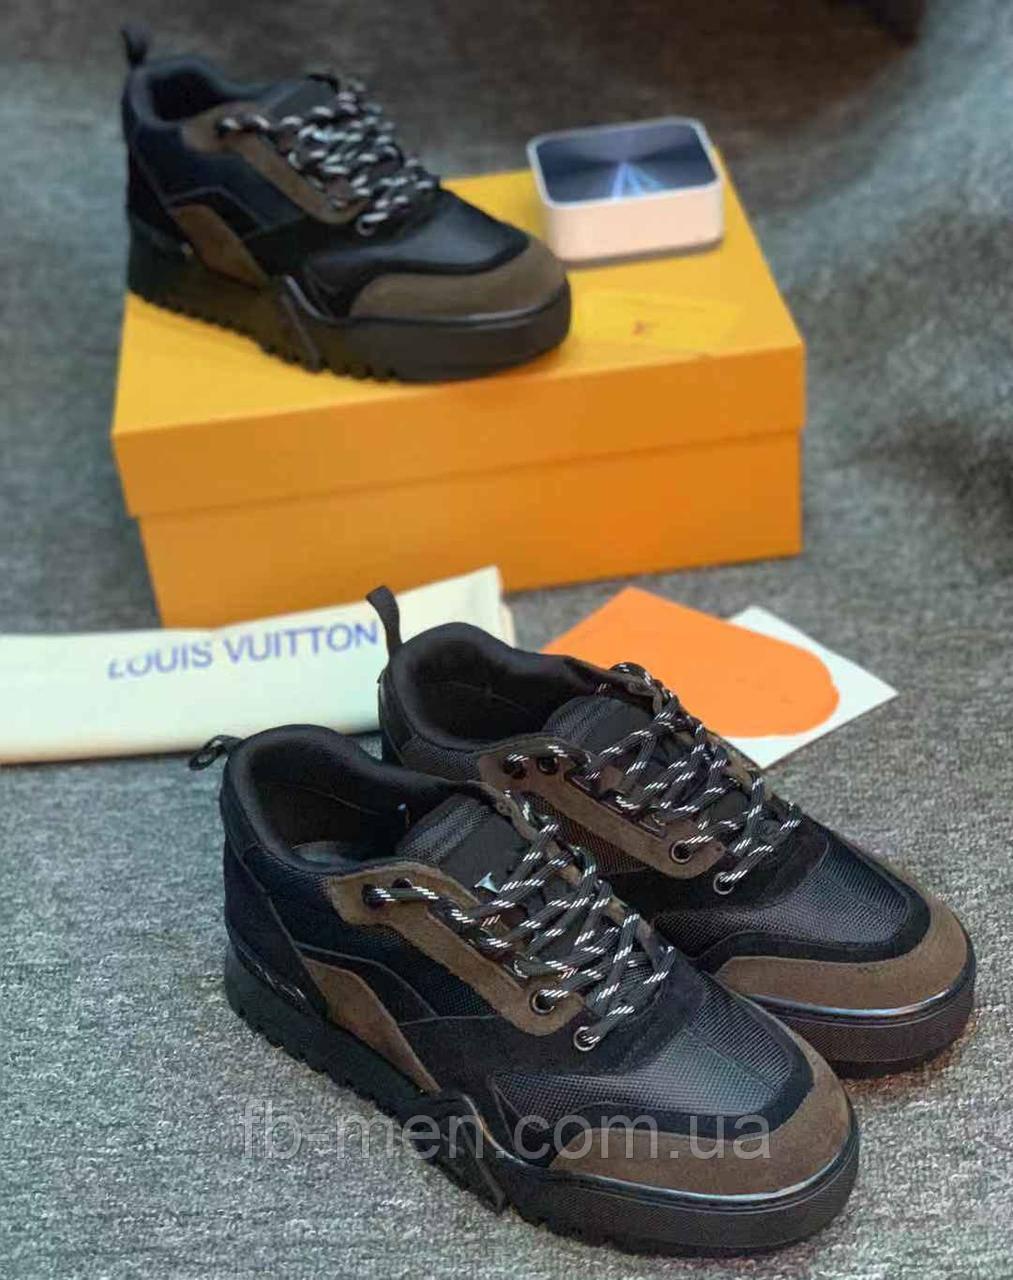 Кроссовки Louis Vuitton|Низкие кожаные кроссовки Луи Виттон мужские серого цвета замшевые с кожаными вставками